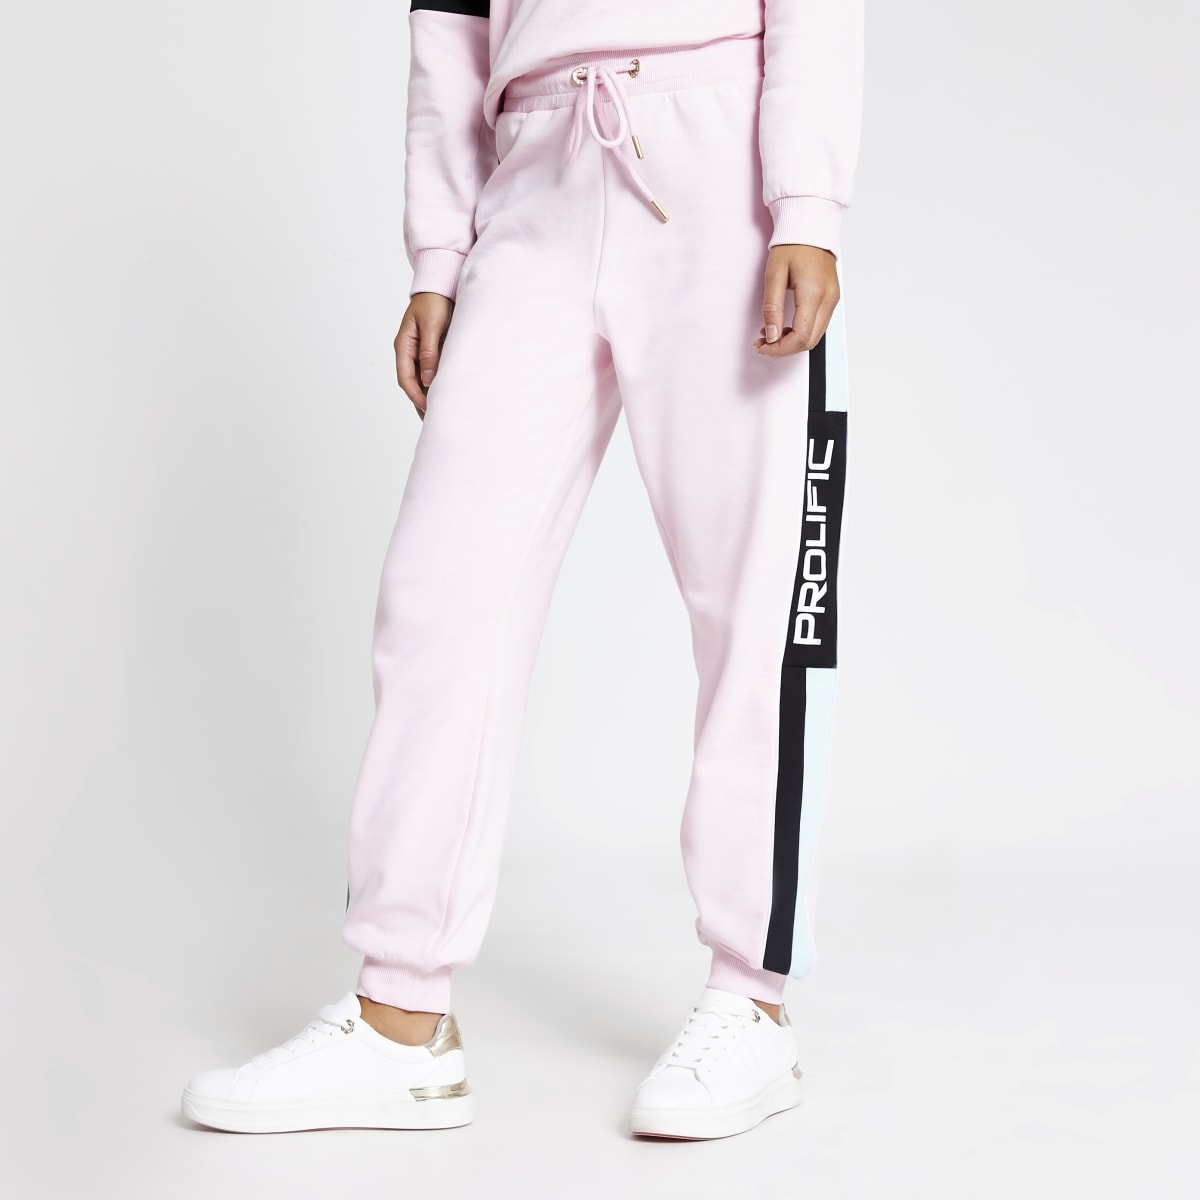 Prolific - Roze joggingbroek met kleurvlakken